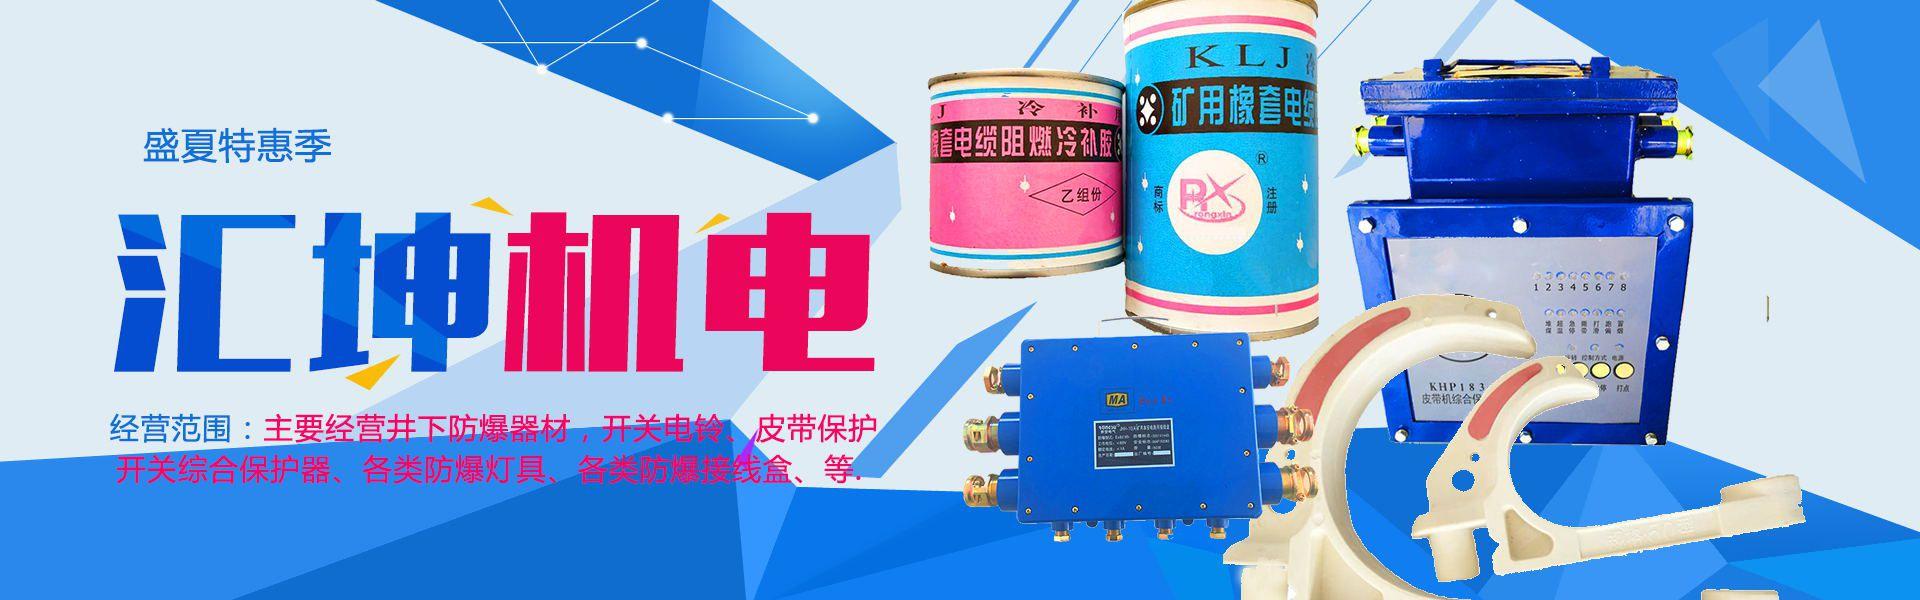 济宁汇坤机电科技有限公司